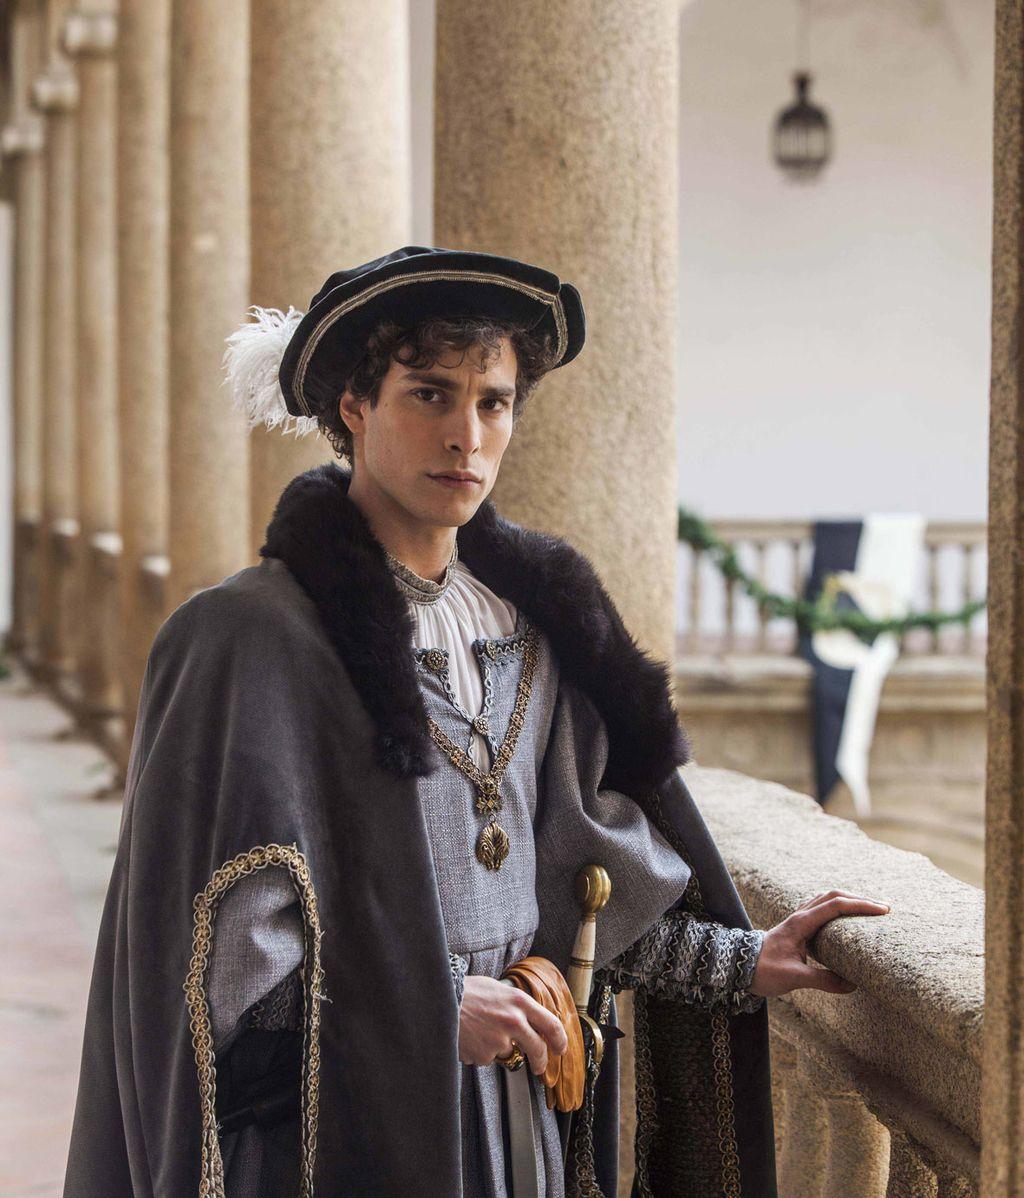 Eric Balbás es Fernando de Habsburgo